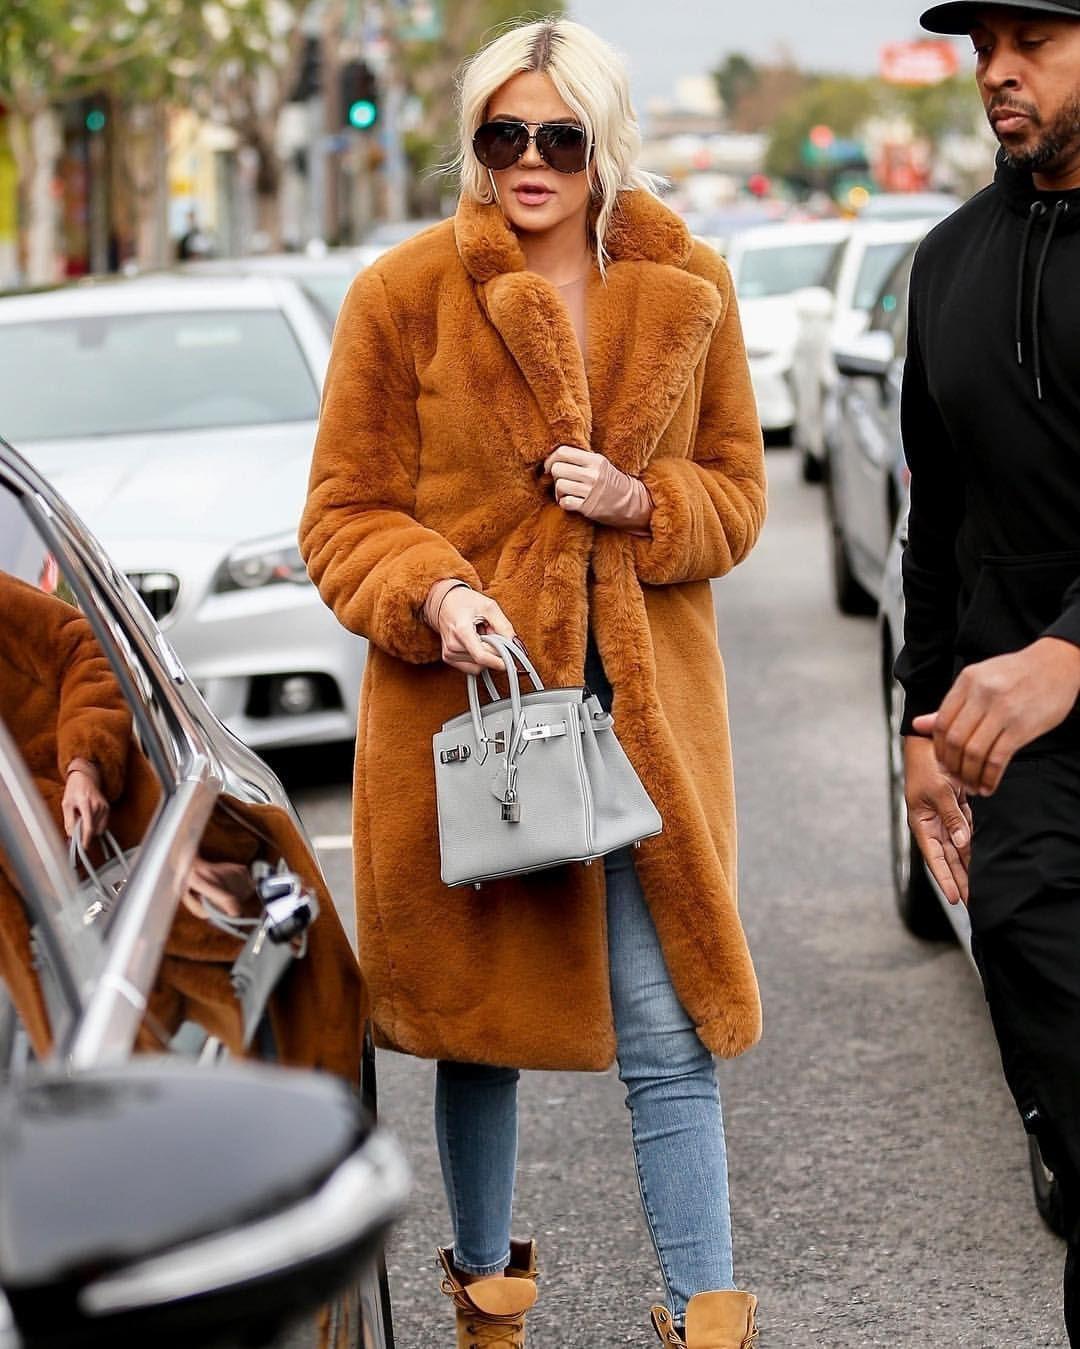 Khloé Kardashian à Sap and Honey à Sherman Oaks - 19/12 Khloé Kardashian at Sap and Honey in Sherman Oaks - 12/19 #khloekardashian #khloekardashian